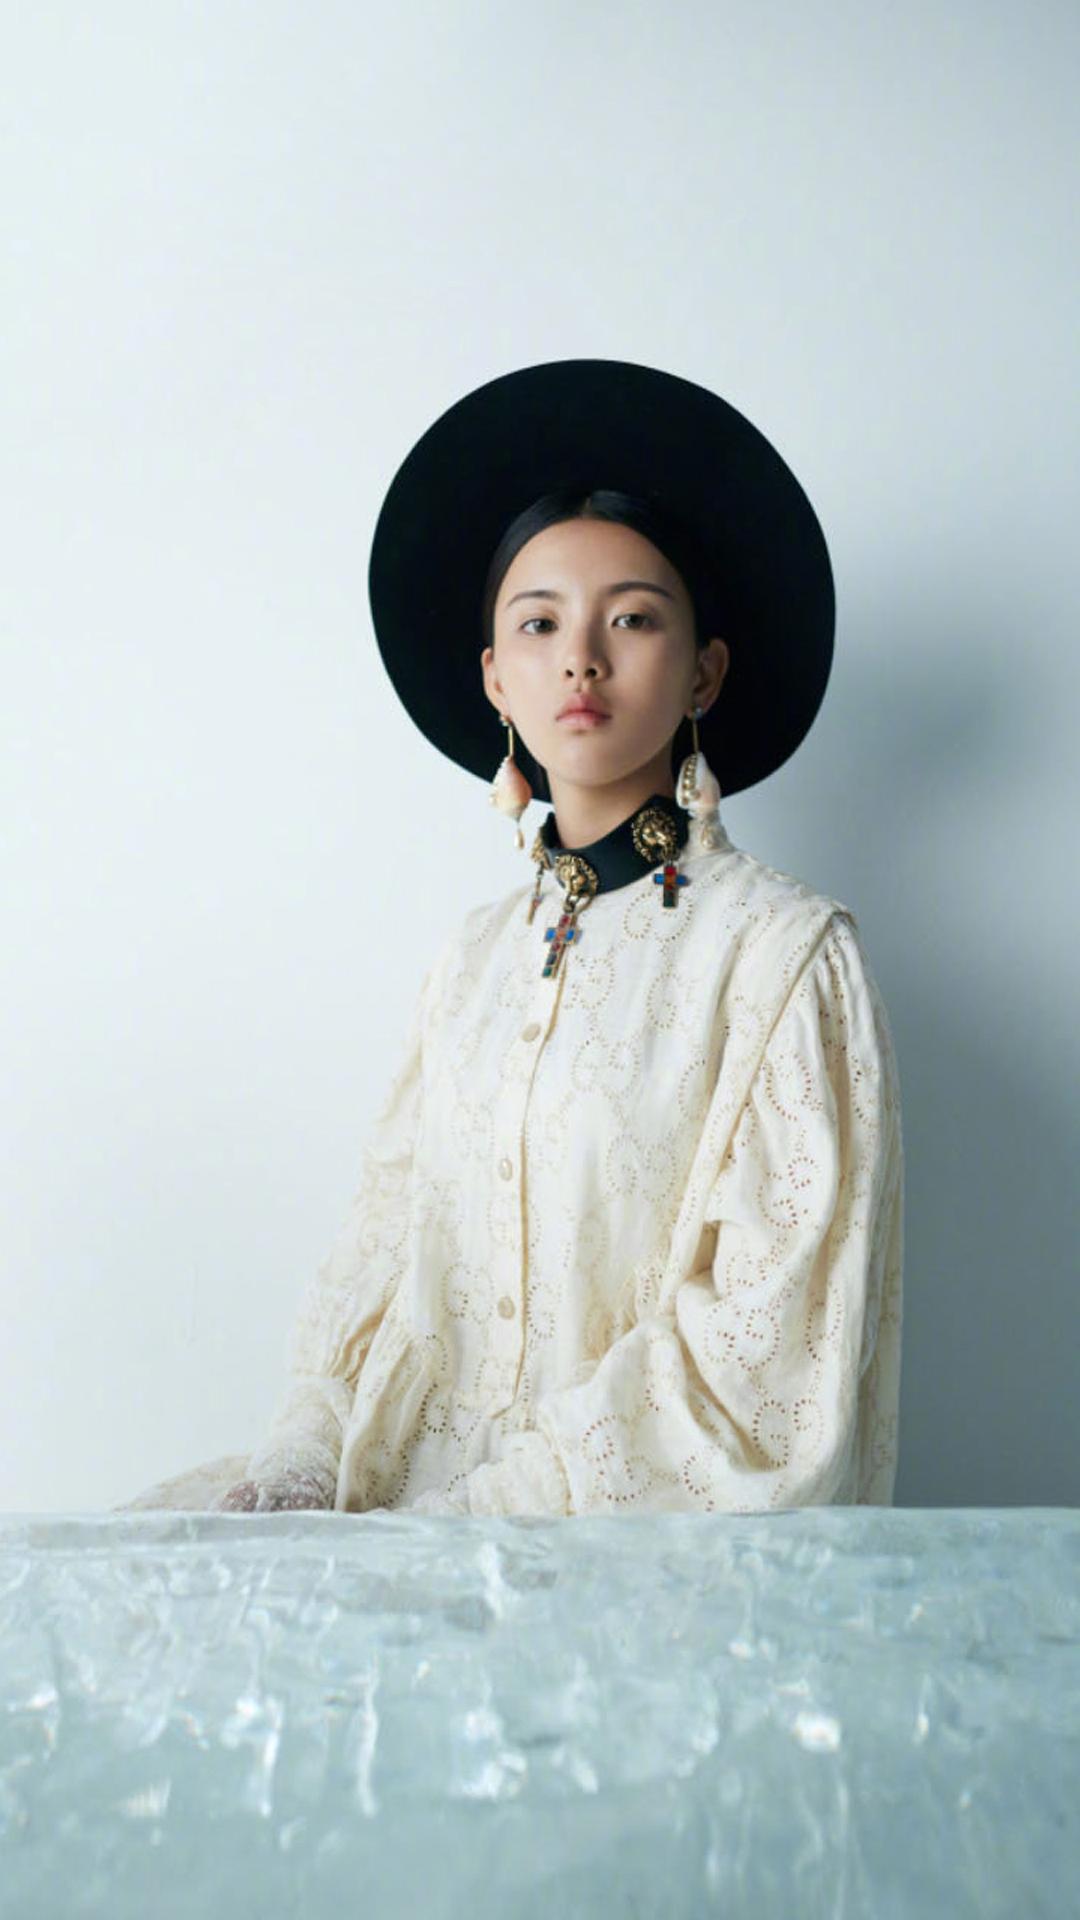 杨超越《时尚芭莎》大片封面造型图片